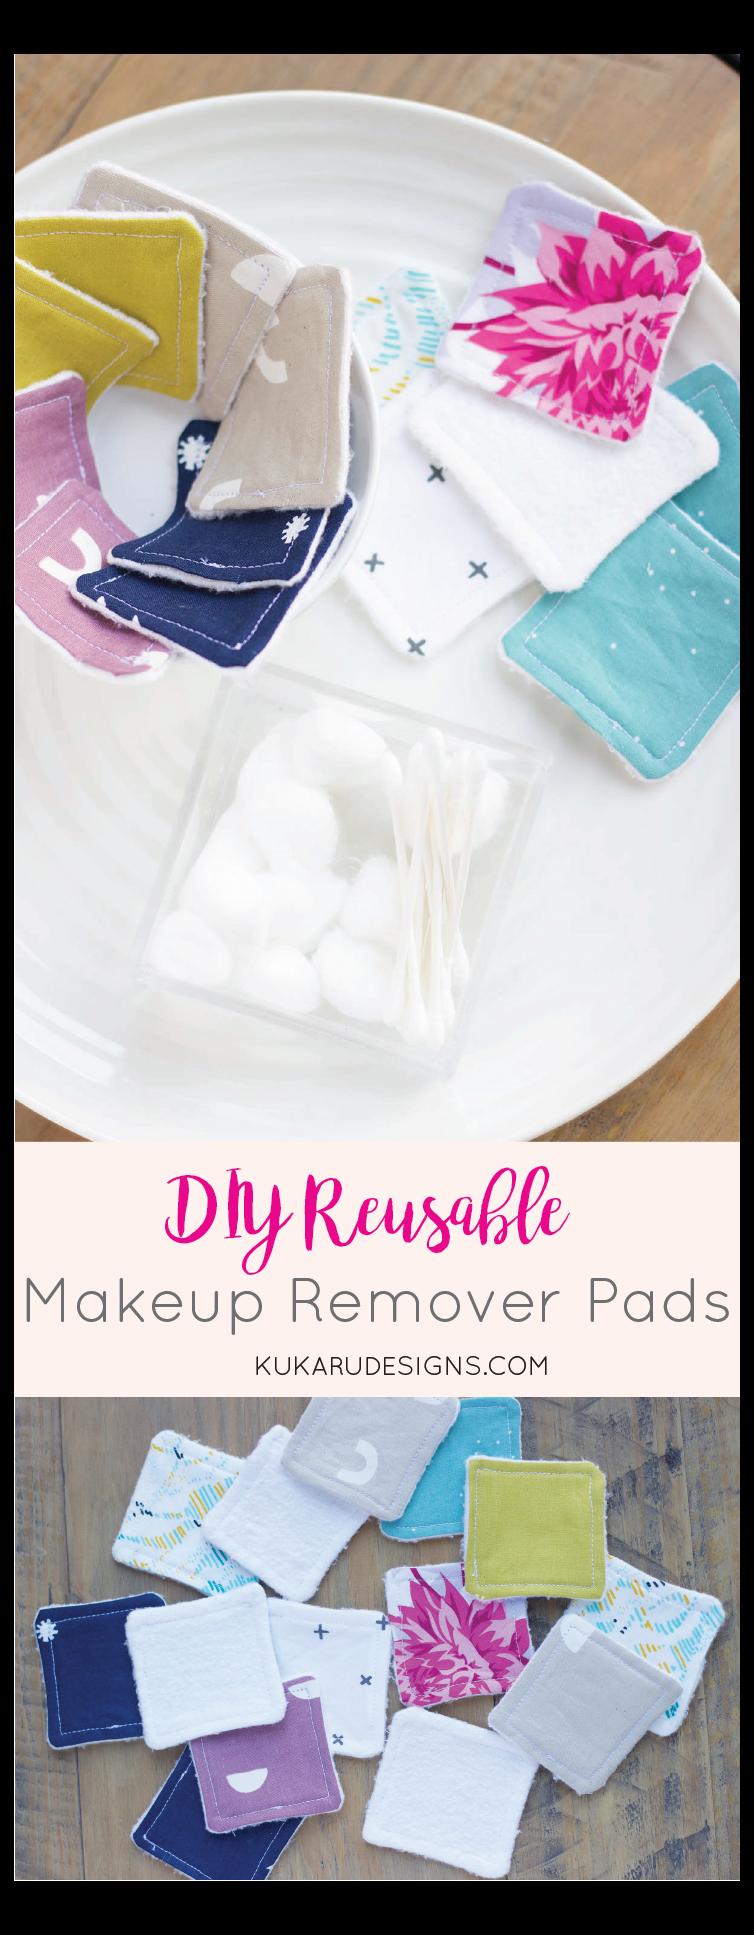 DIY Makeup Remover Pads Reusable Face Wipes snowman